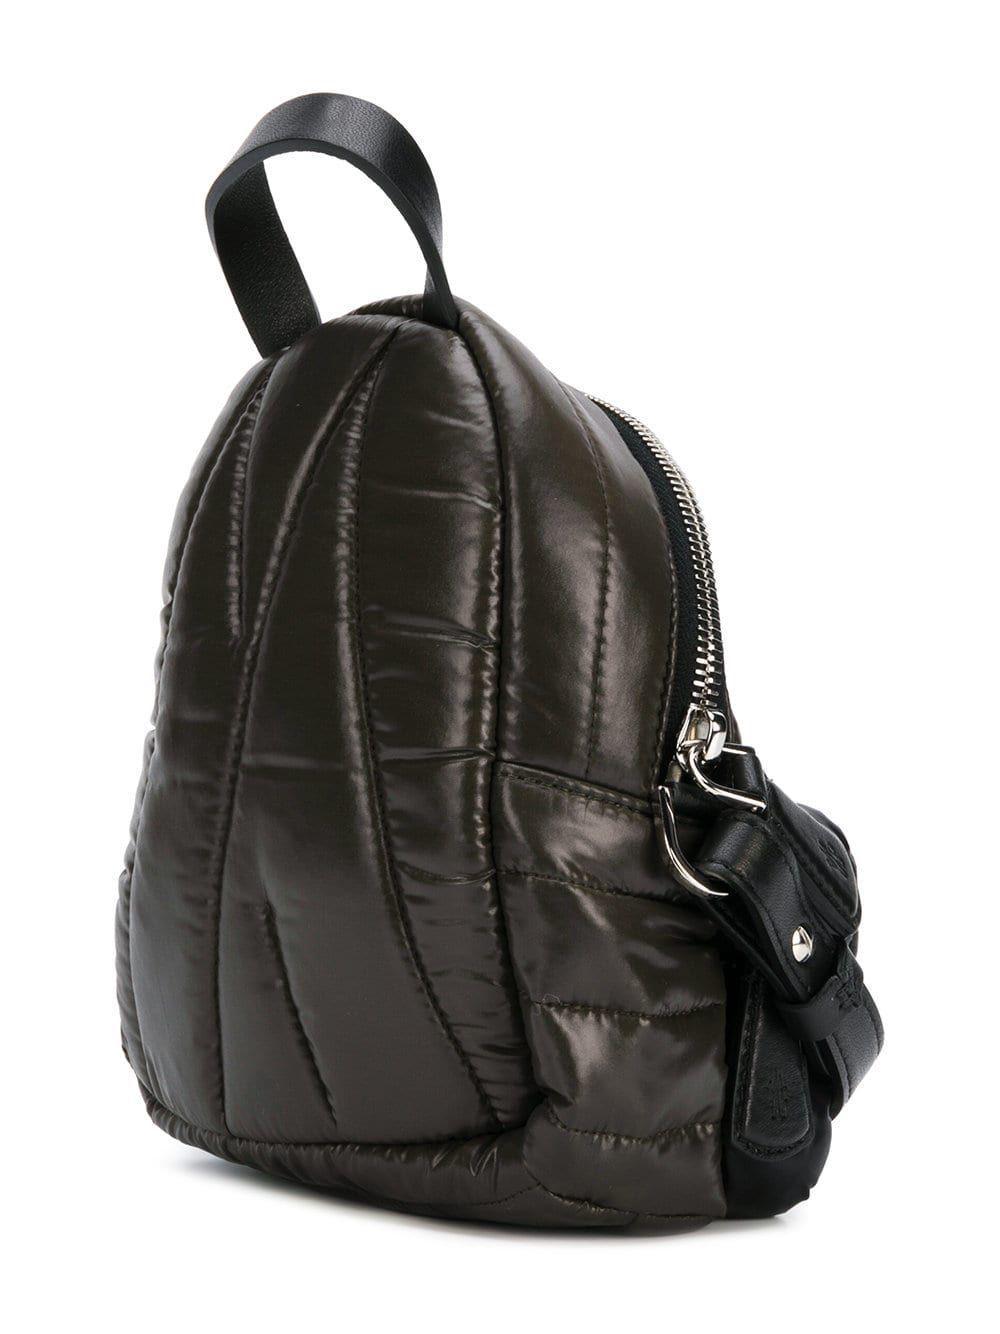 c389373317ec Lyst - Moncler Women s Black Polyester Shoulder Bag in Black - Save  37.17579250720461%